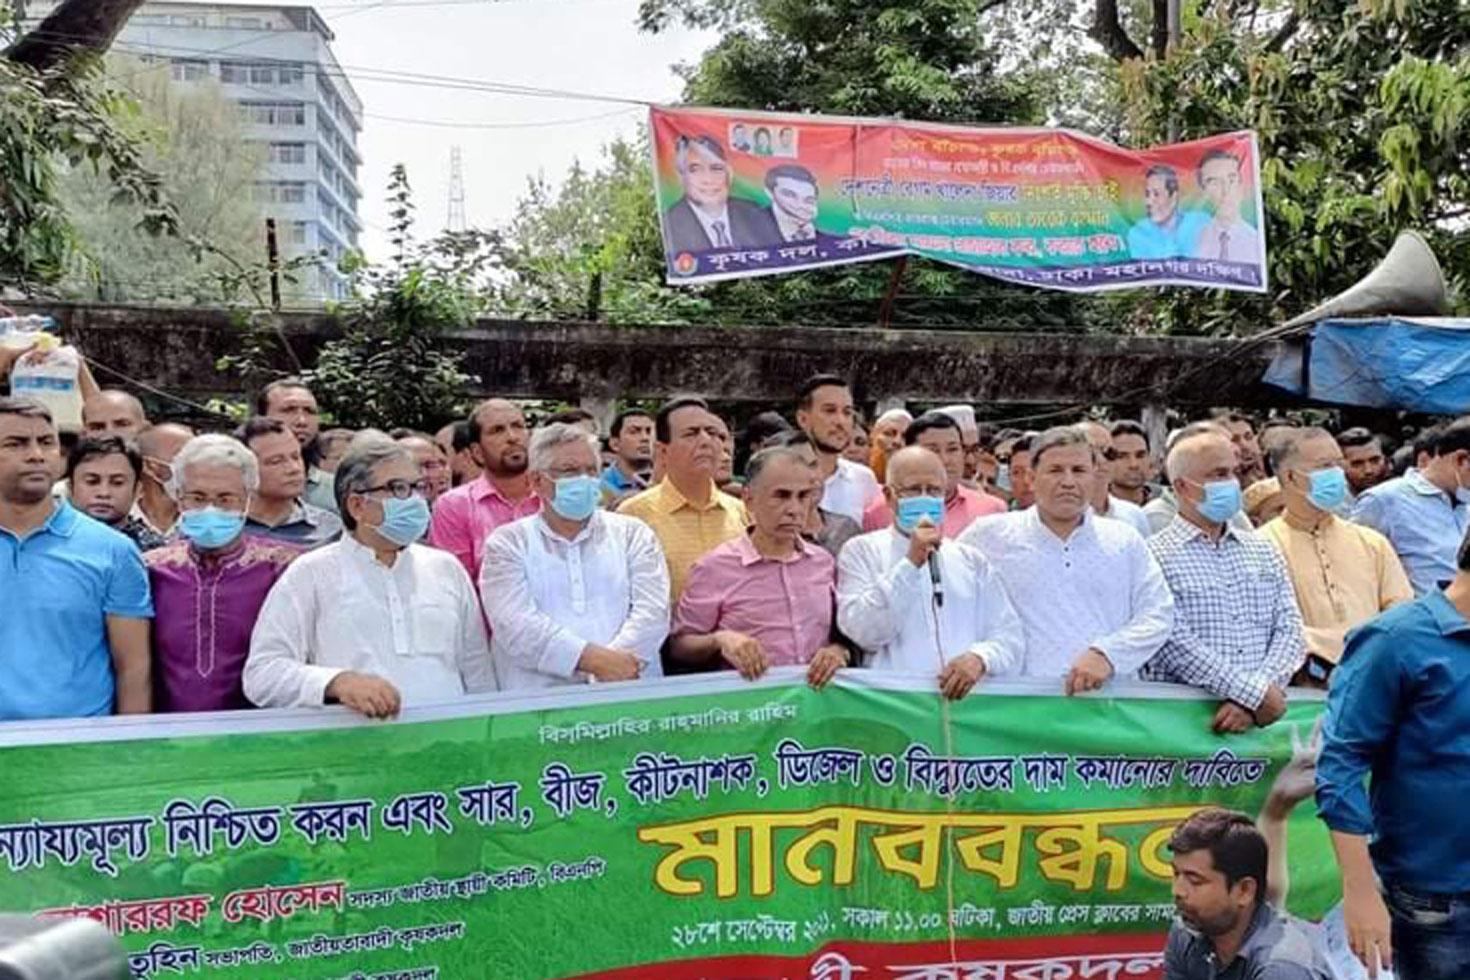 গণ-আন্দোলনে সরকার বিদায় নিতে বাধ্য হবে: মোশাররফ